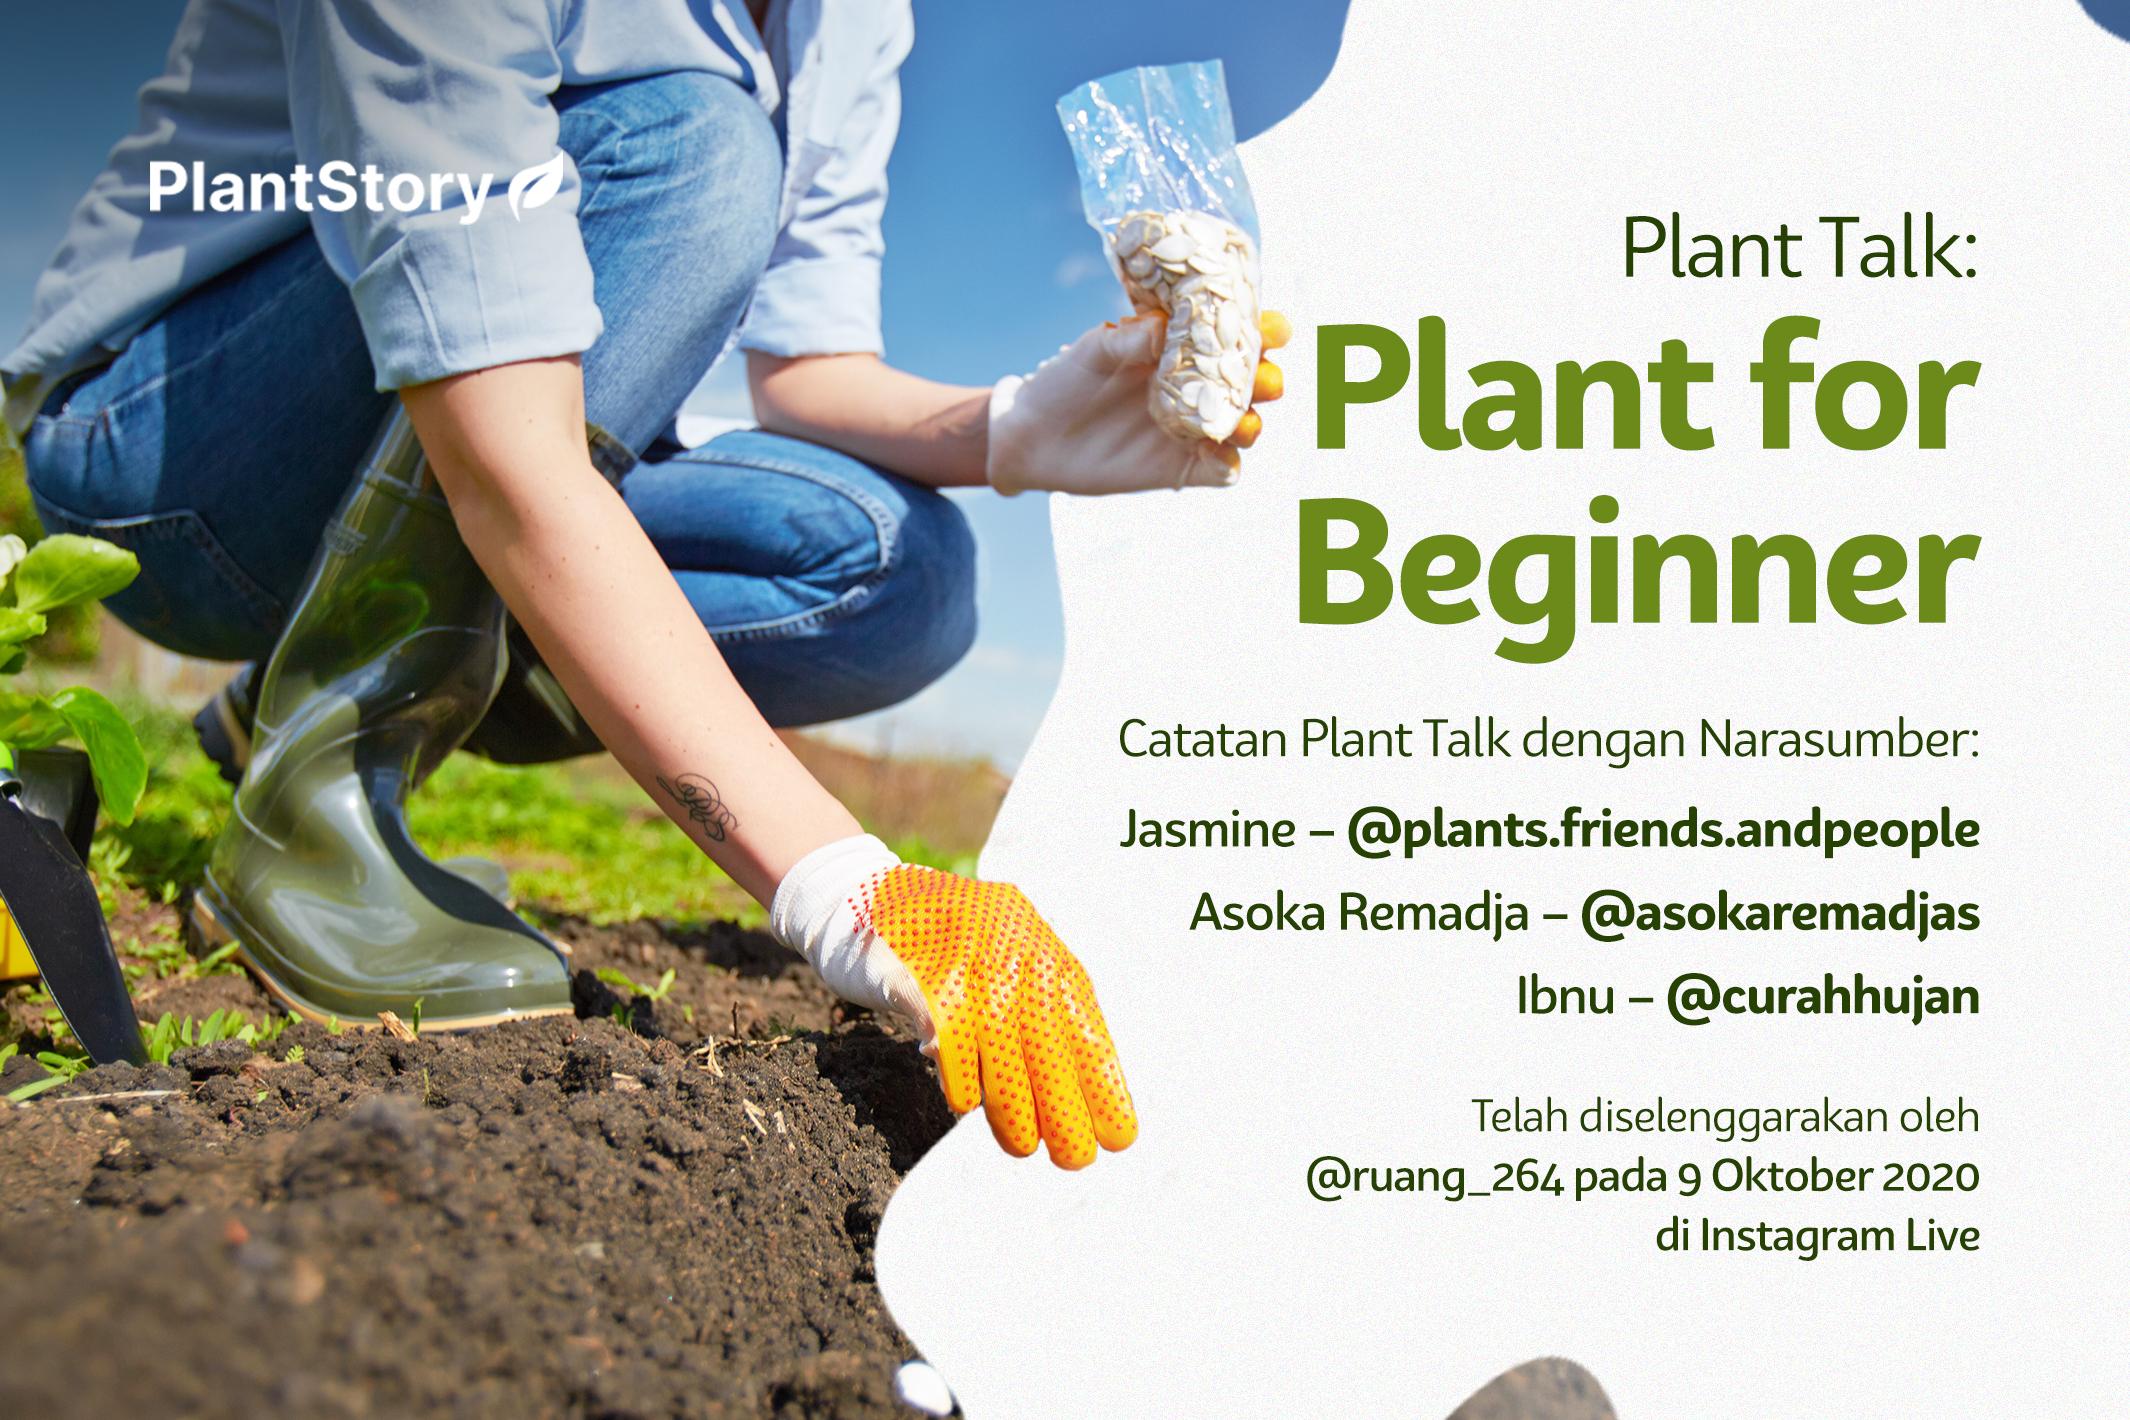 Plant Talk: Plant for Beginner